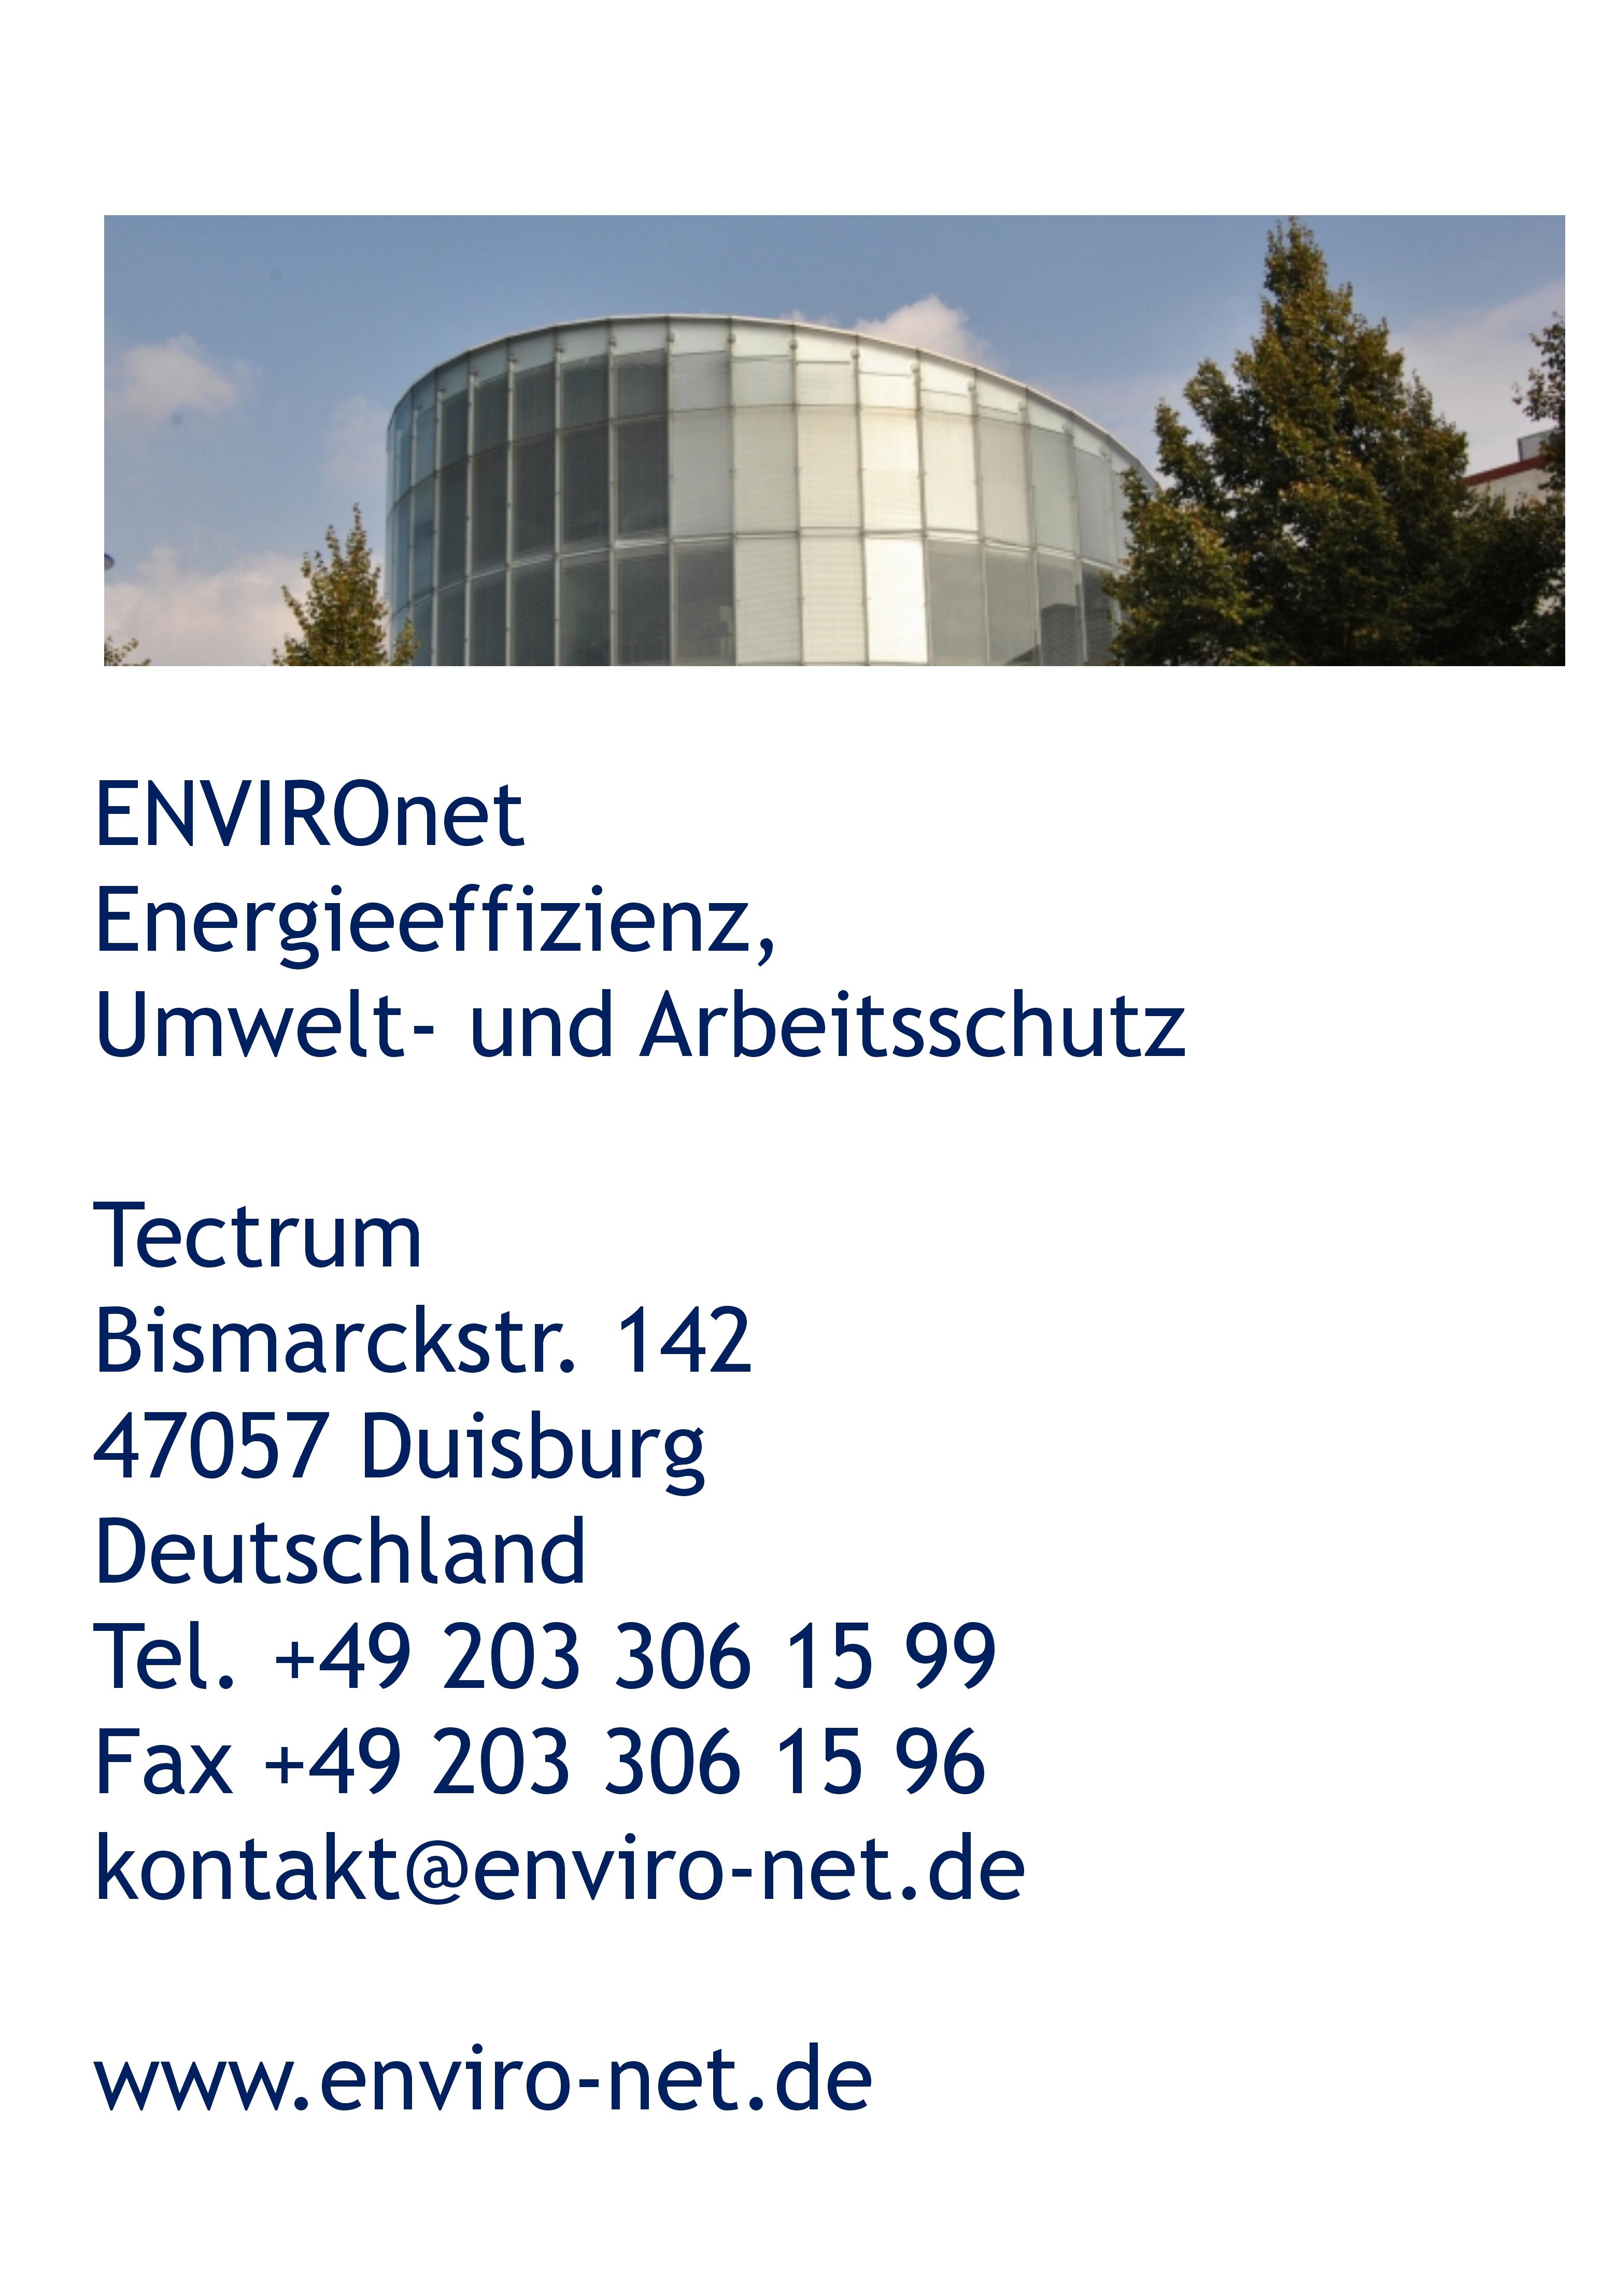 http://www.enviro-net.de/wp-content/uploads/2015/11/Widget_Start_neu-3.jpg